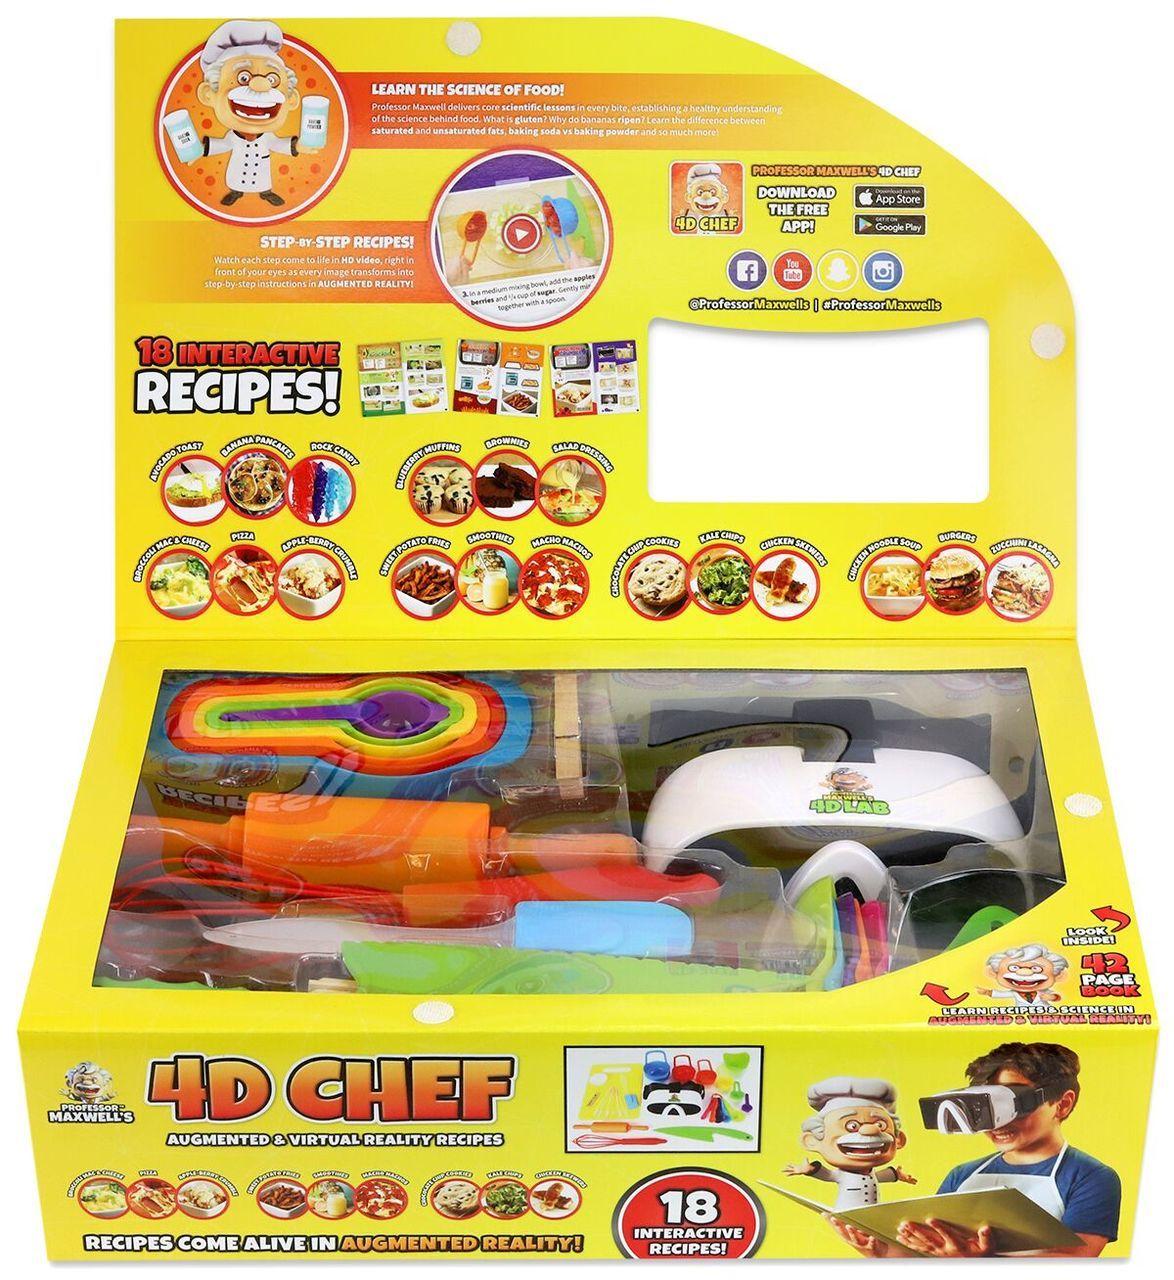 4D Chef Inside  65332.1533273953 - Des cours de cuisine en réalité virtuelle